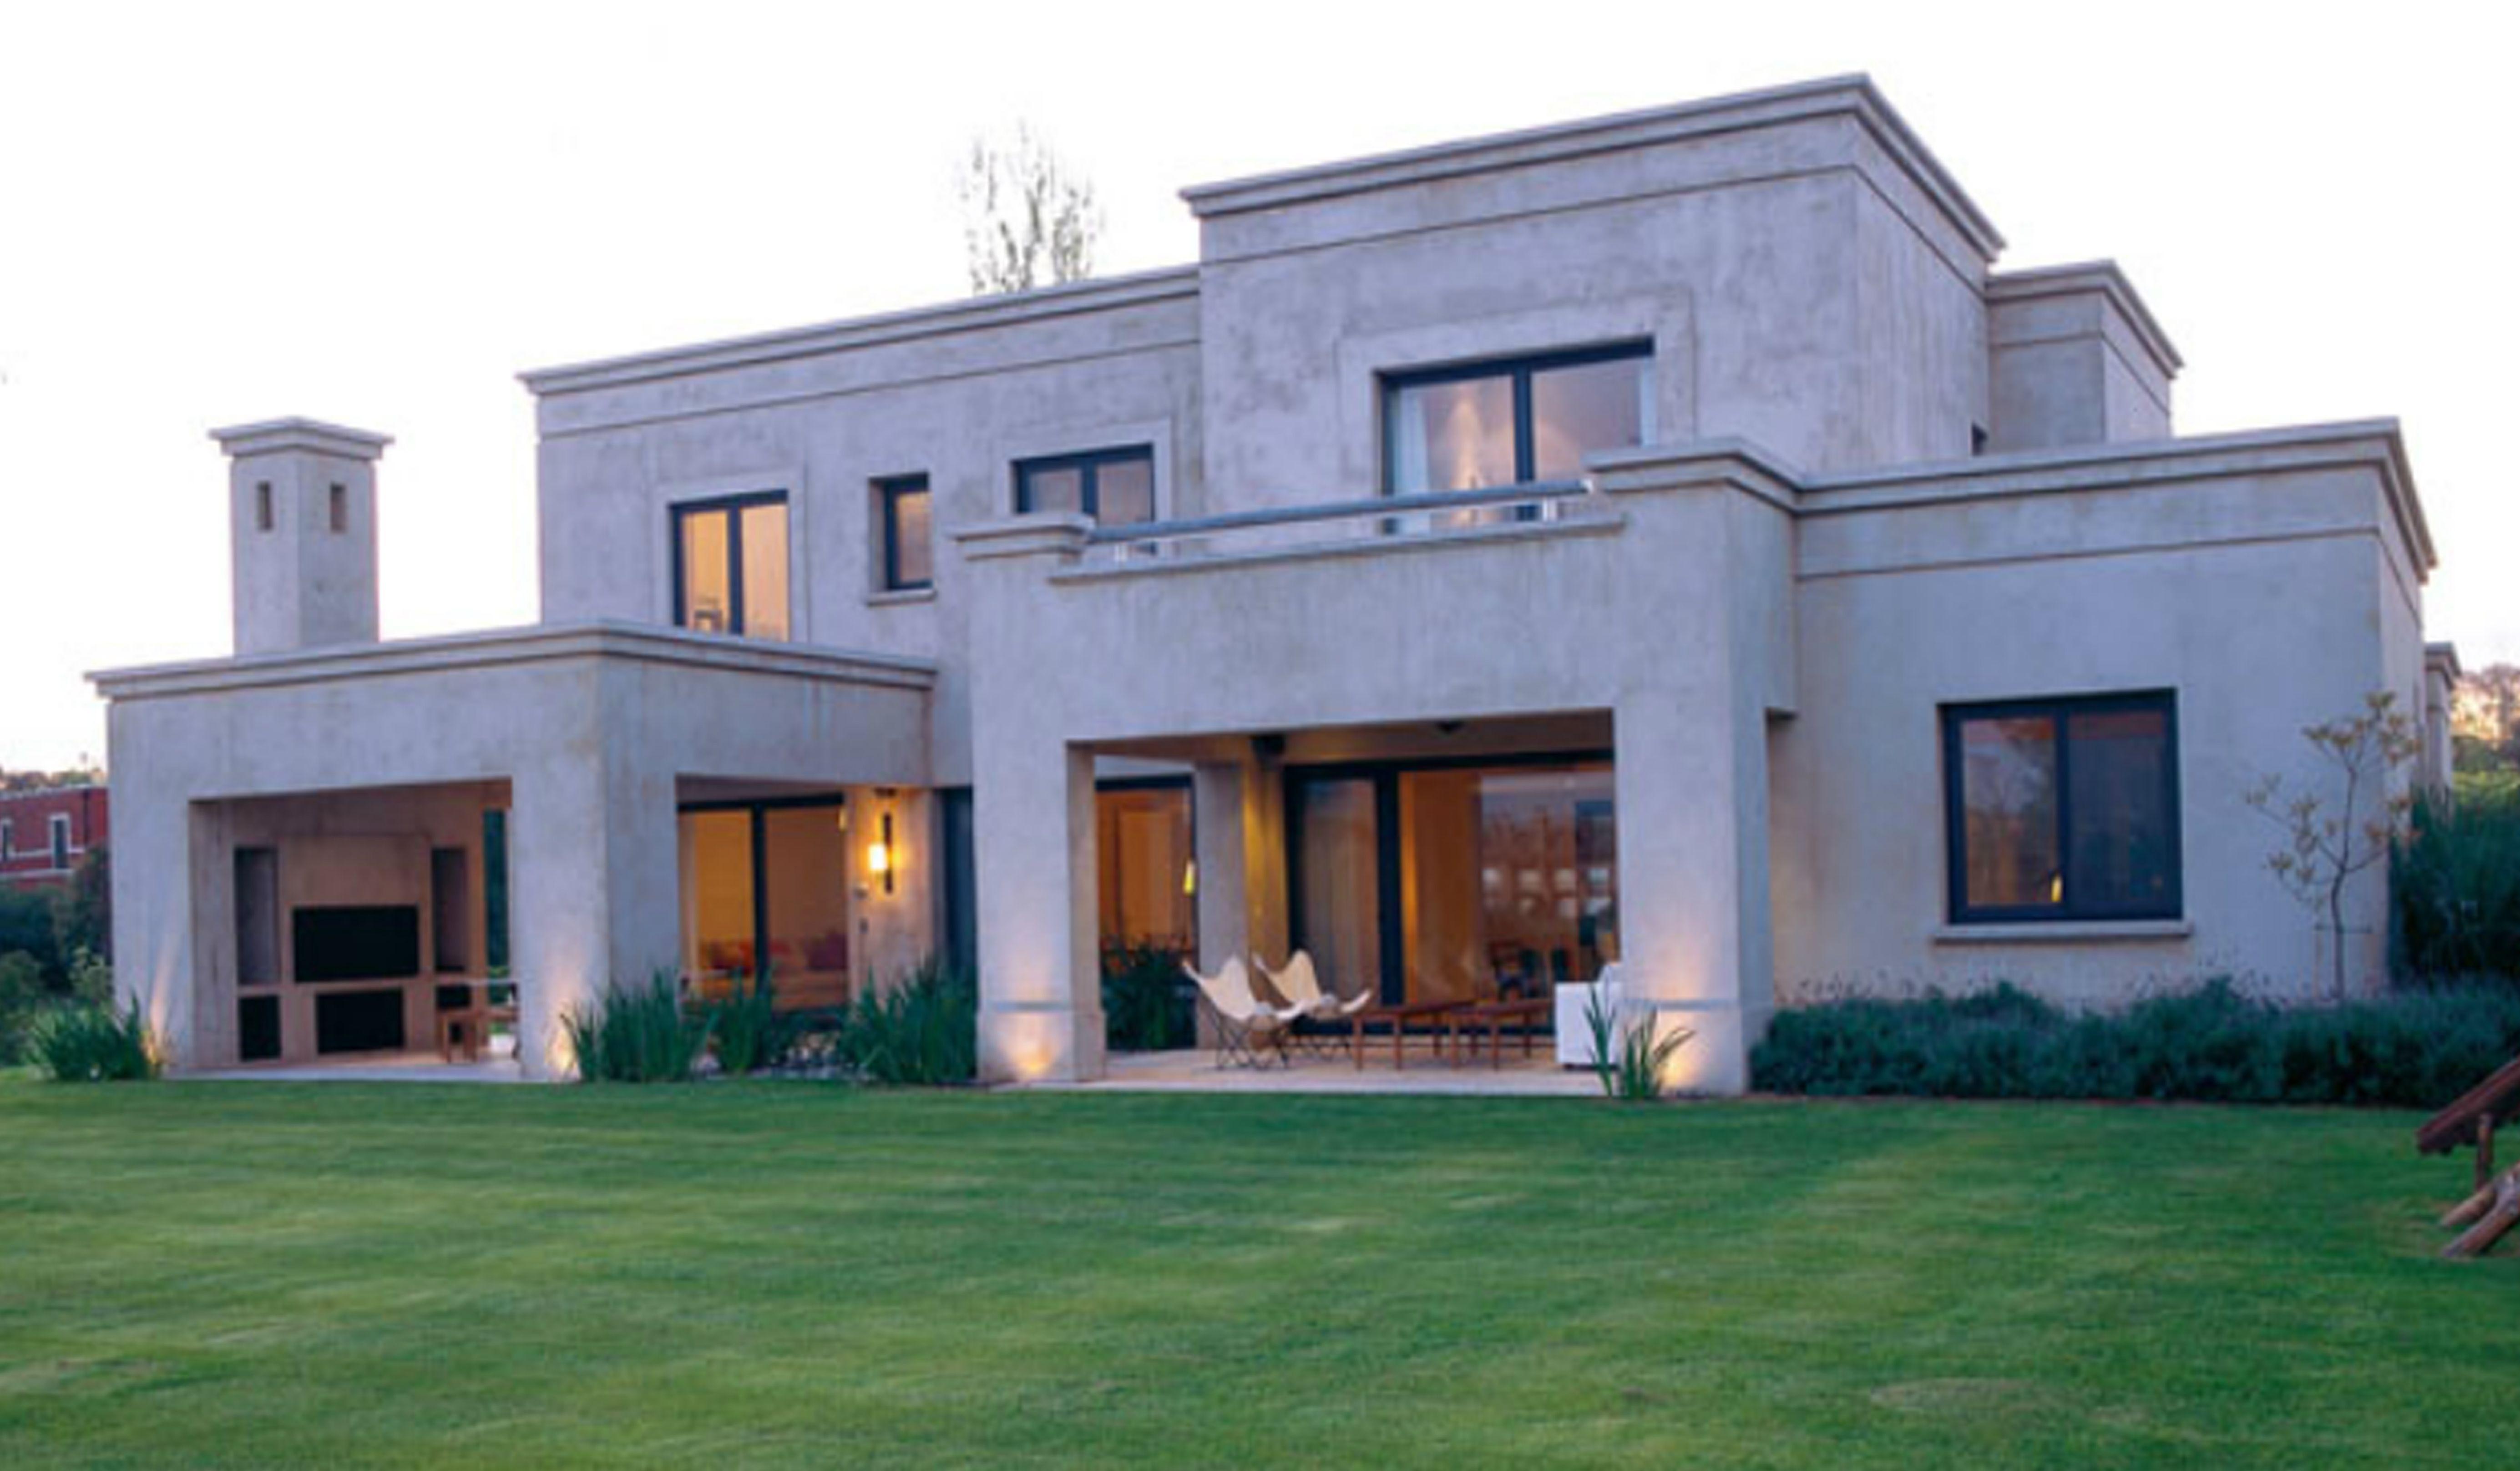 Fachada casa dos pisos casa pinterest for Fachadas de casas de 2 pisos pequenas